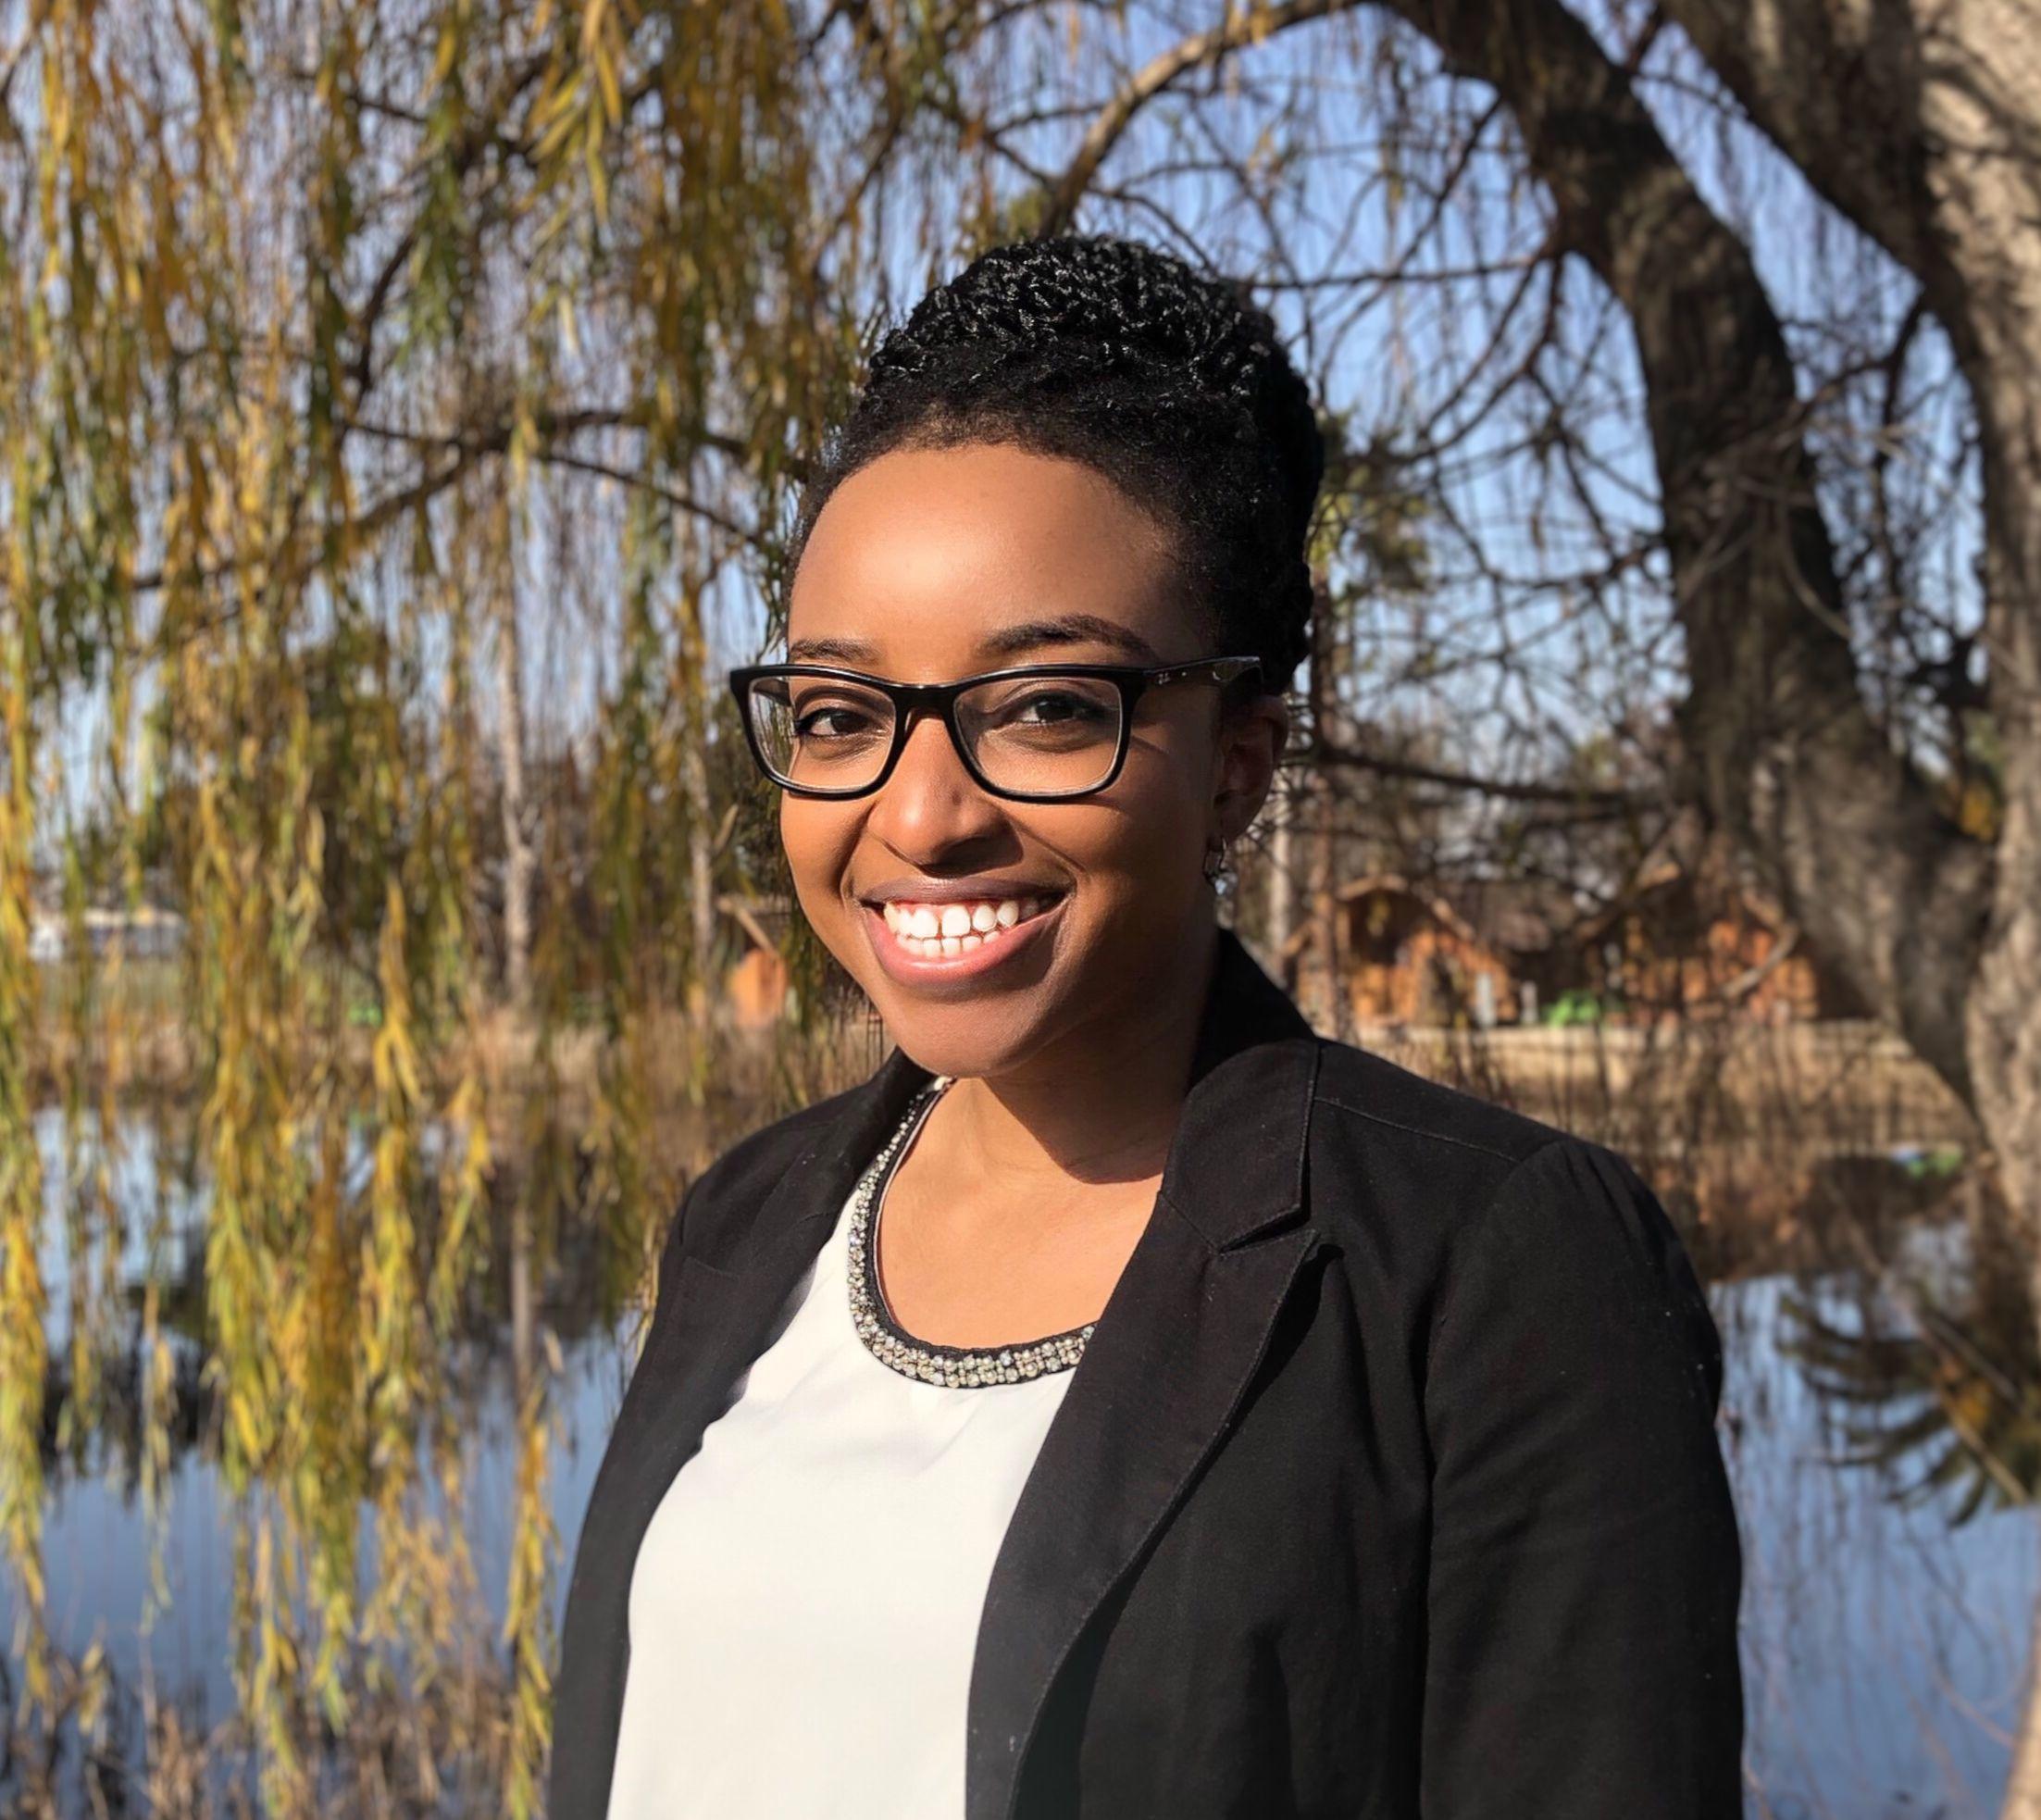 Nneka Uba